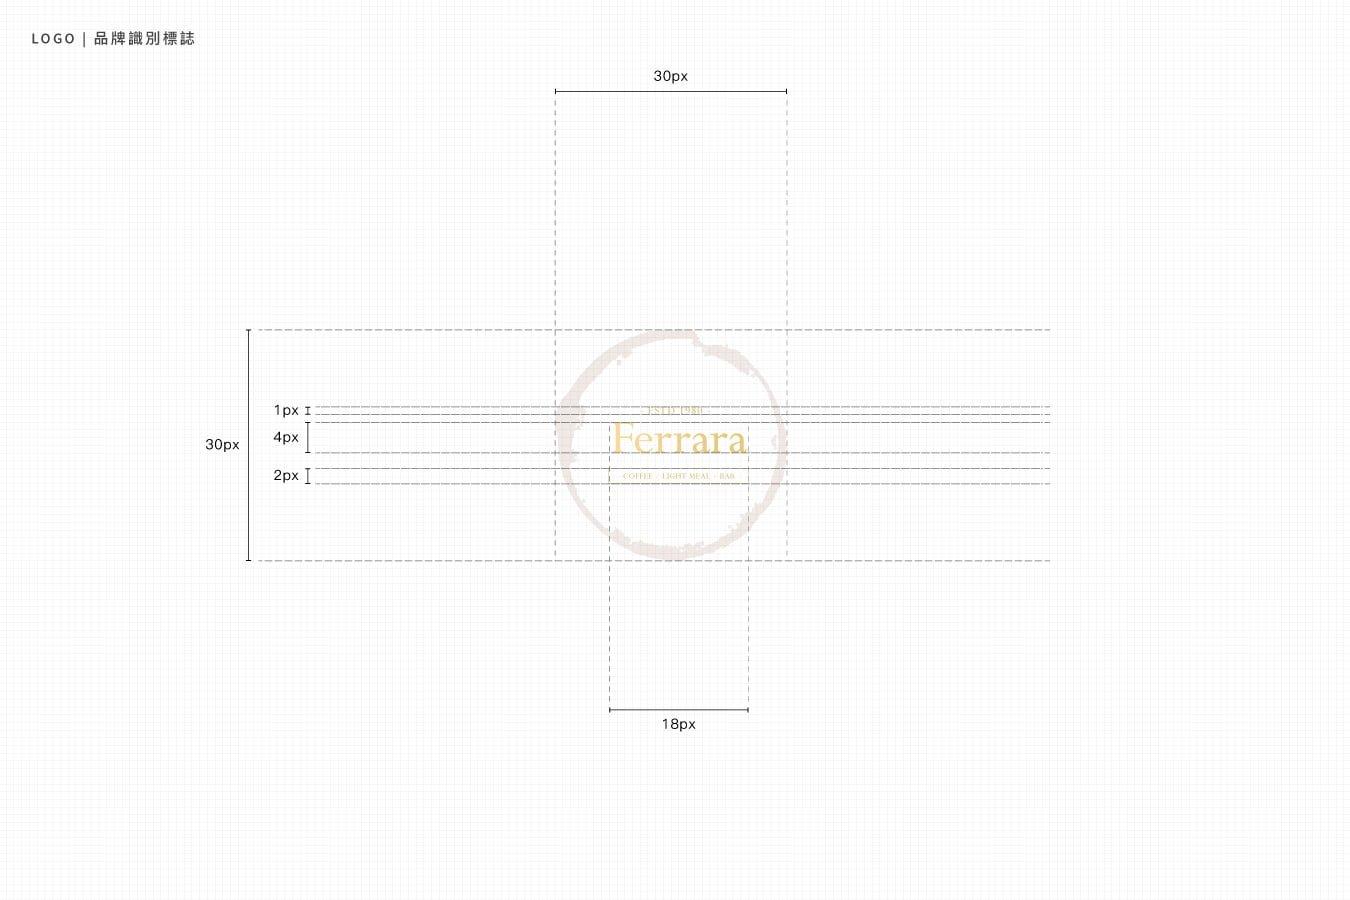 名片 | DM | 型錄 | 菜單 | 還有更多的平面設計應用,傑克大俠與團隊提供最新設計趨勢,最高印刷品質